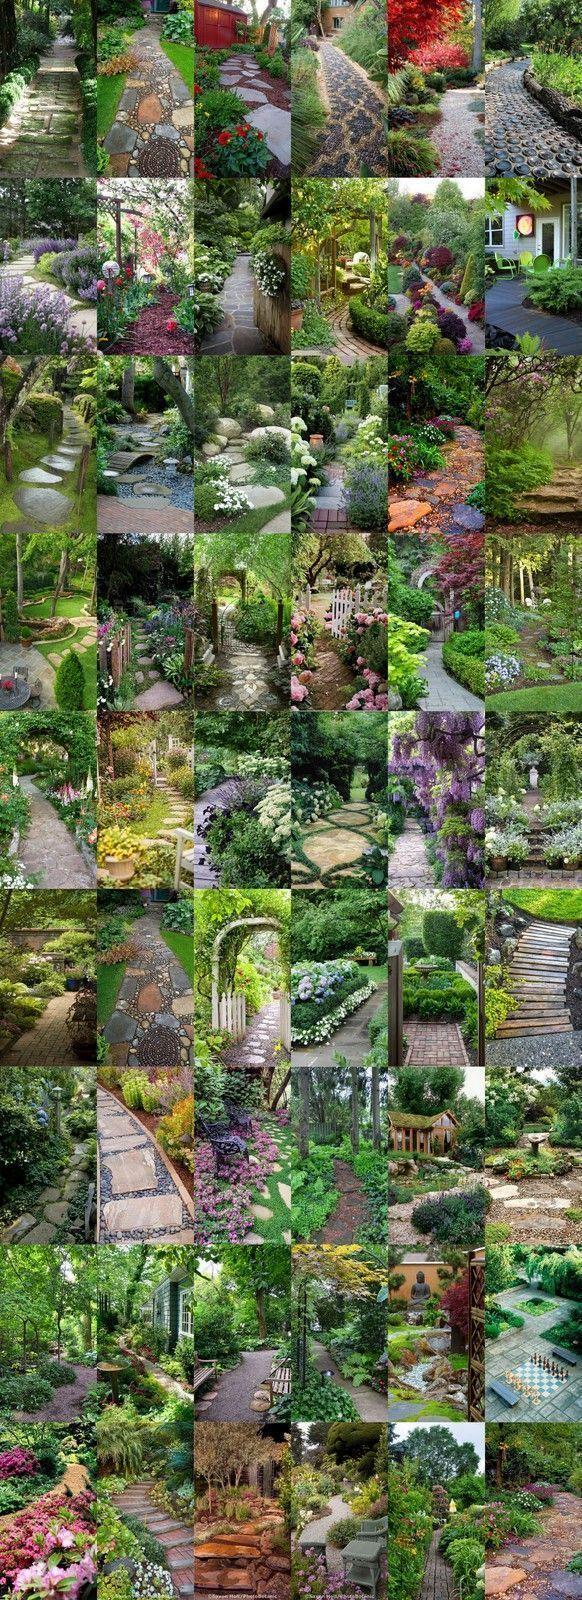 Veggie garden inspiration   Spectacular Garden Paths styleestate Garden ideas pation